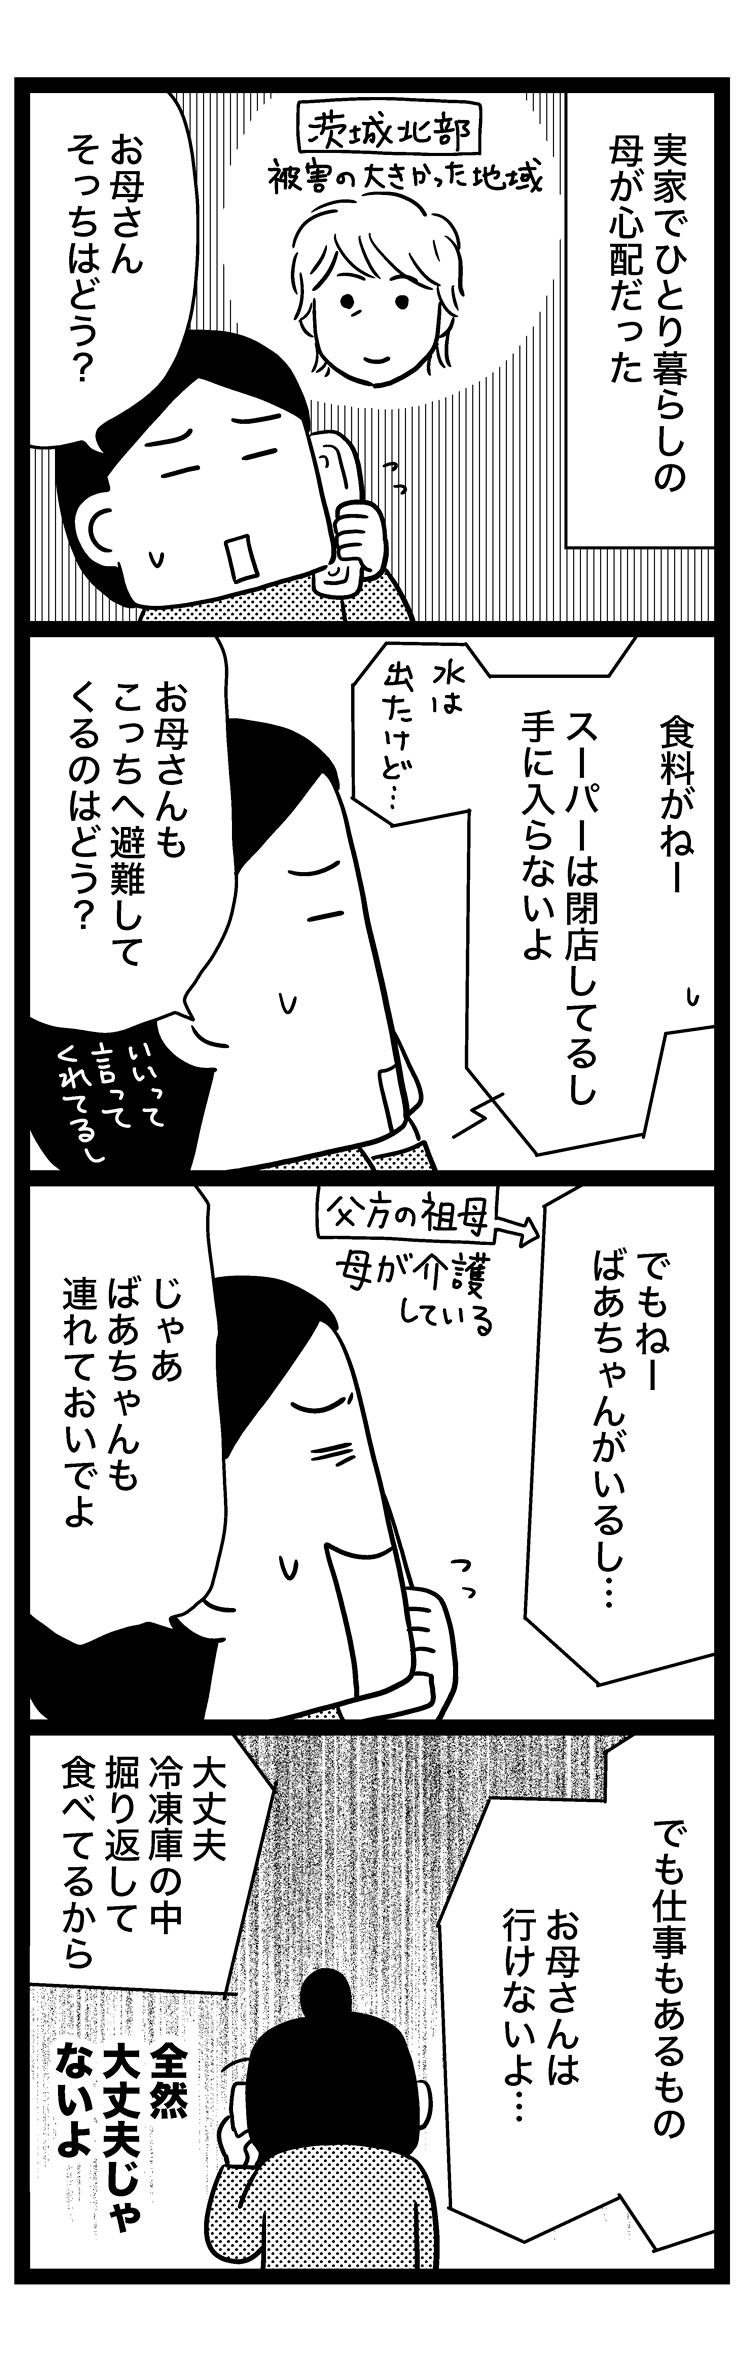 sinsai6_5